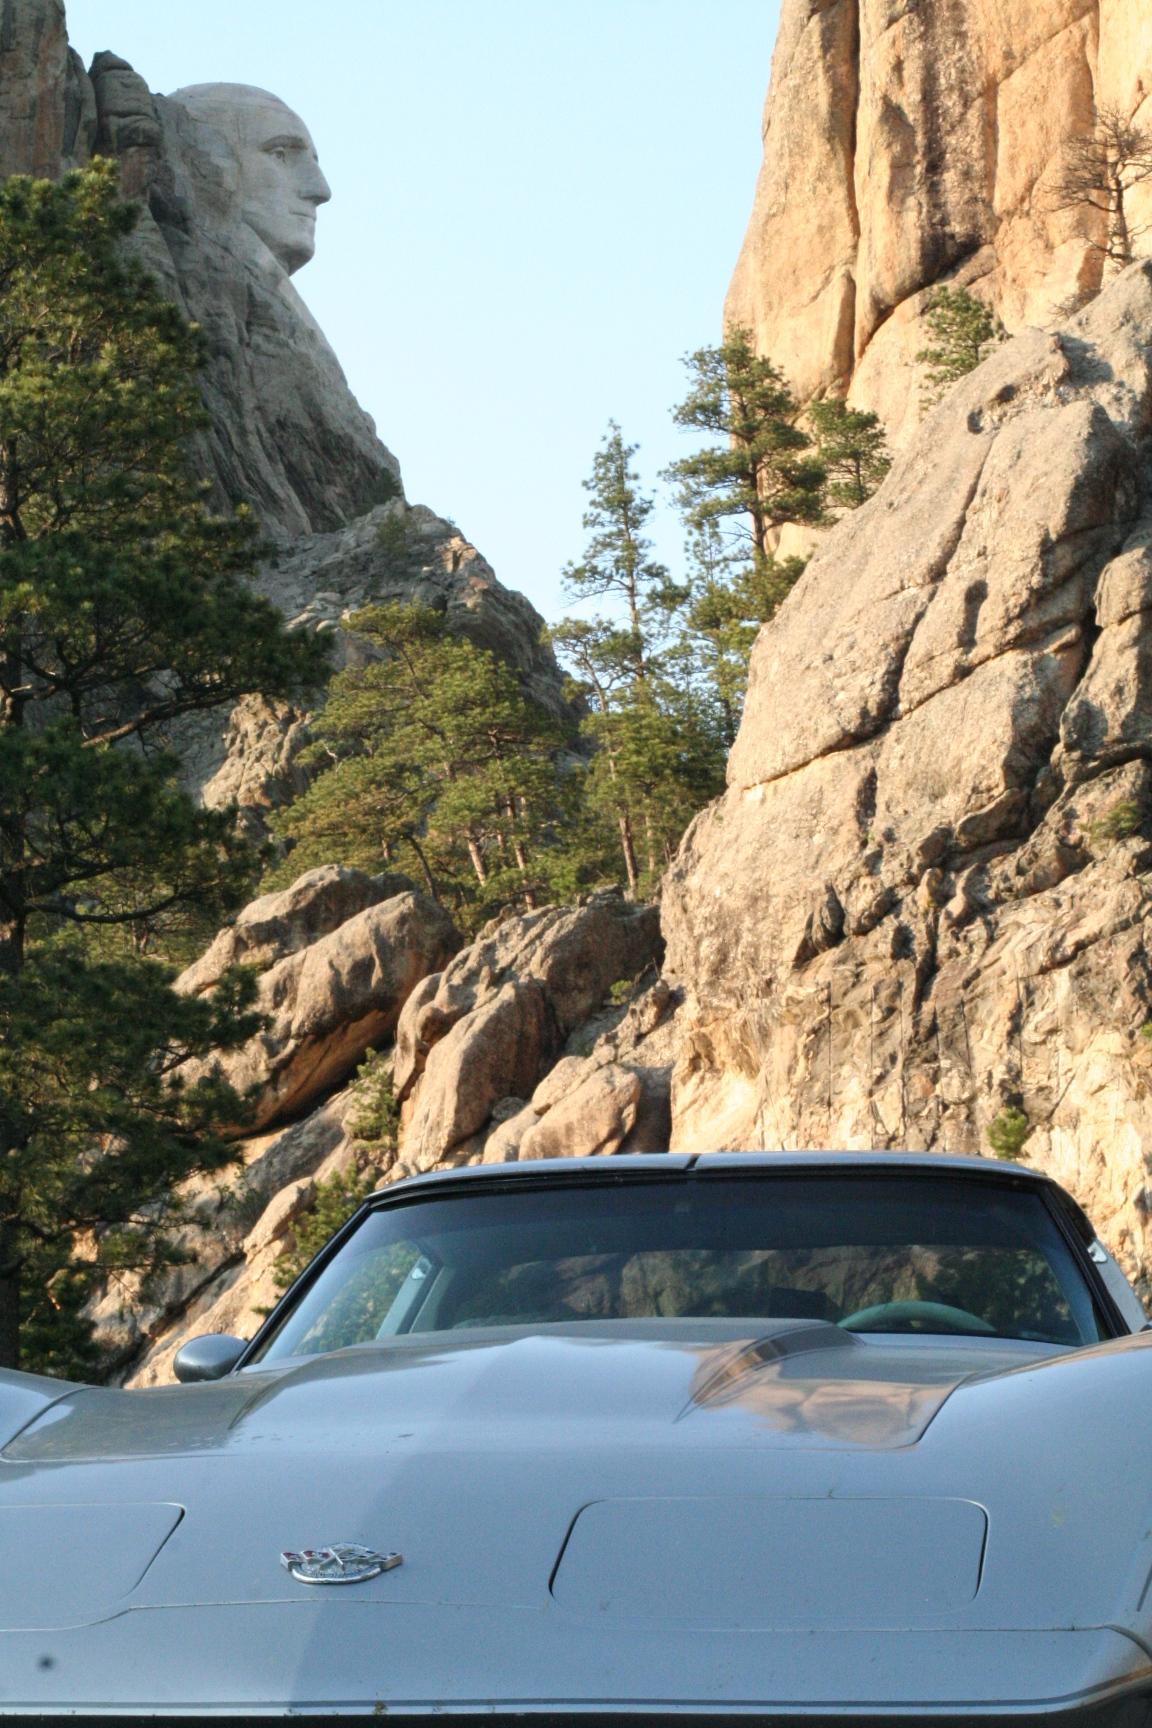 Mt. Rushmore in profile